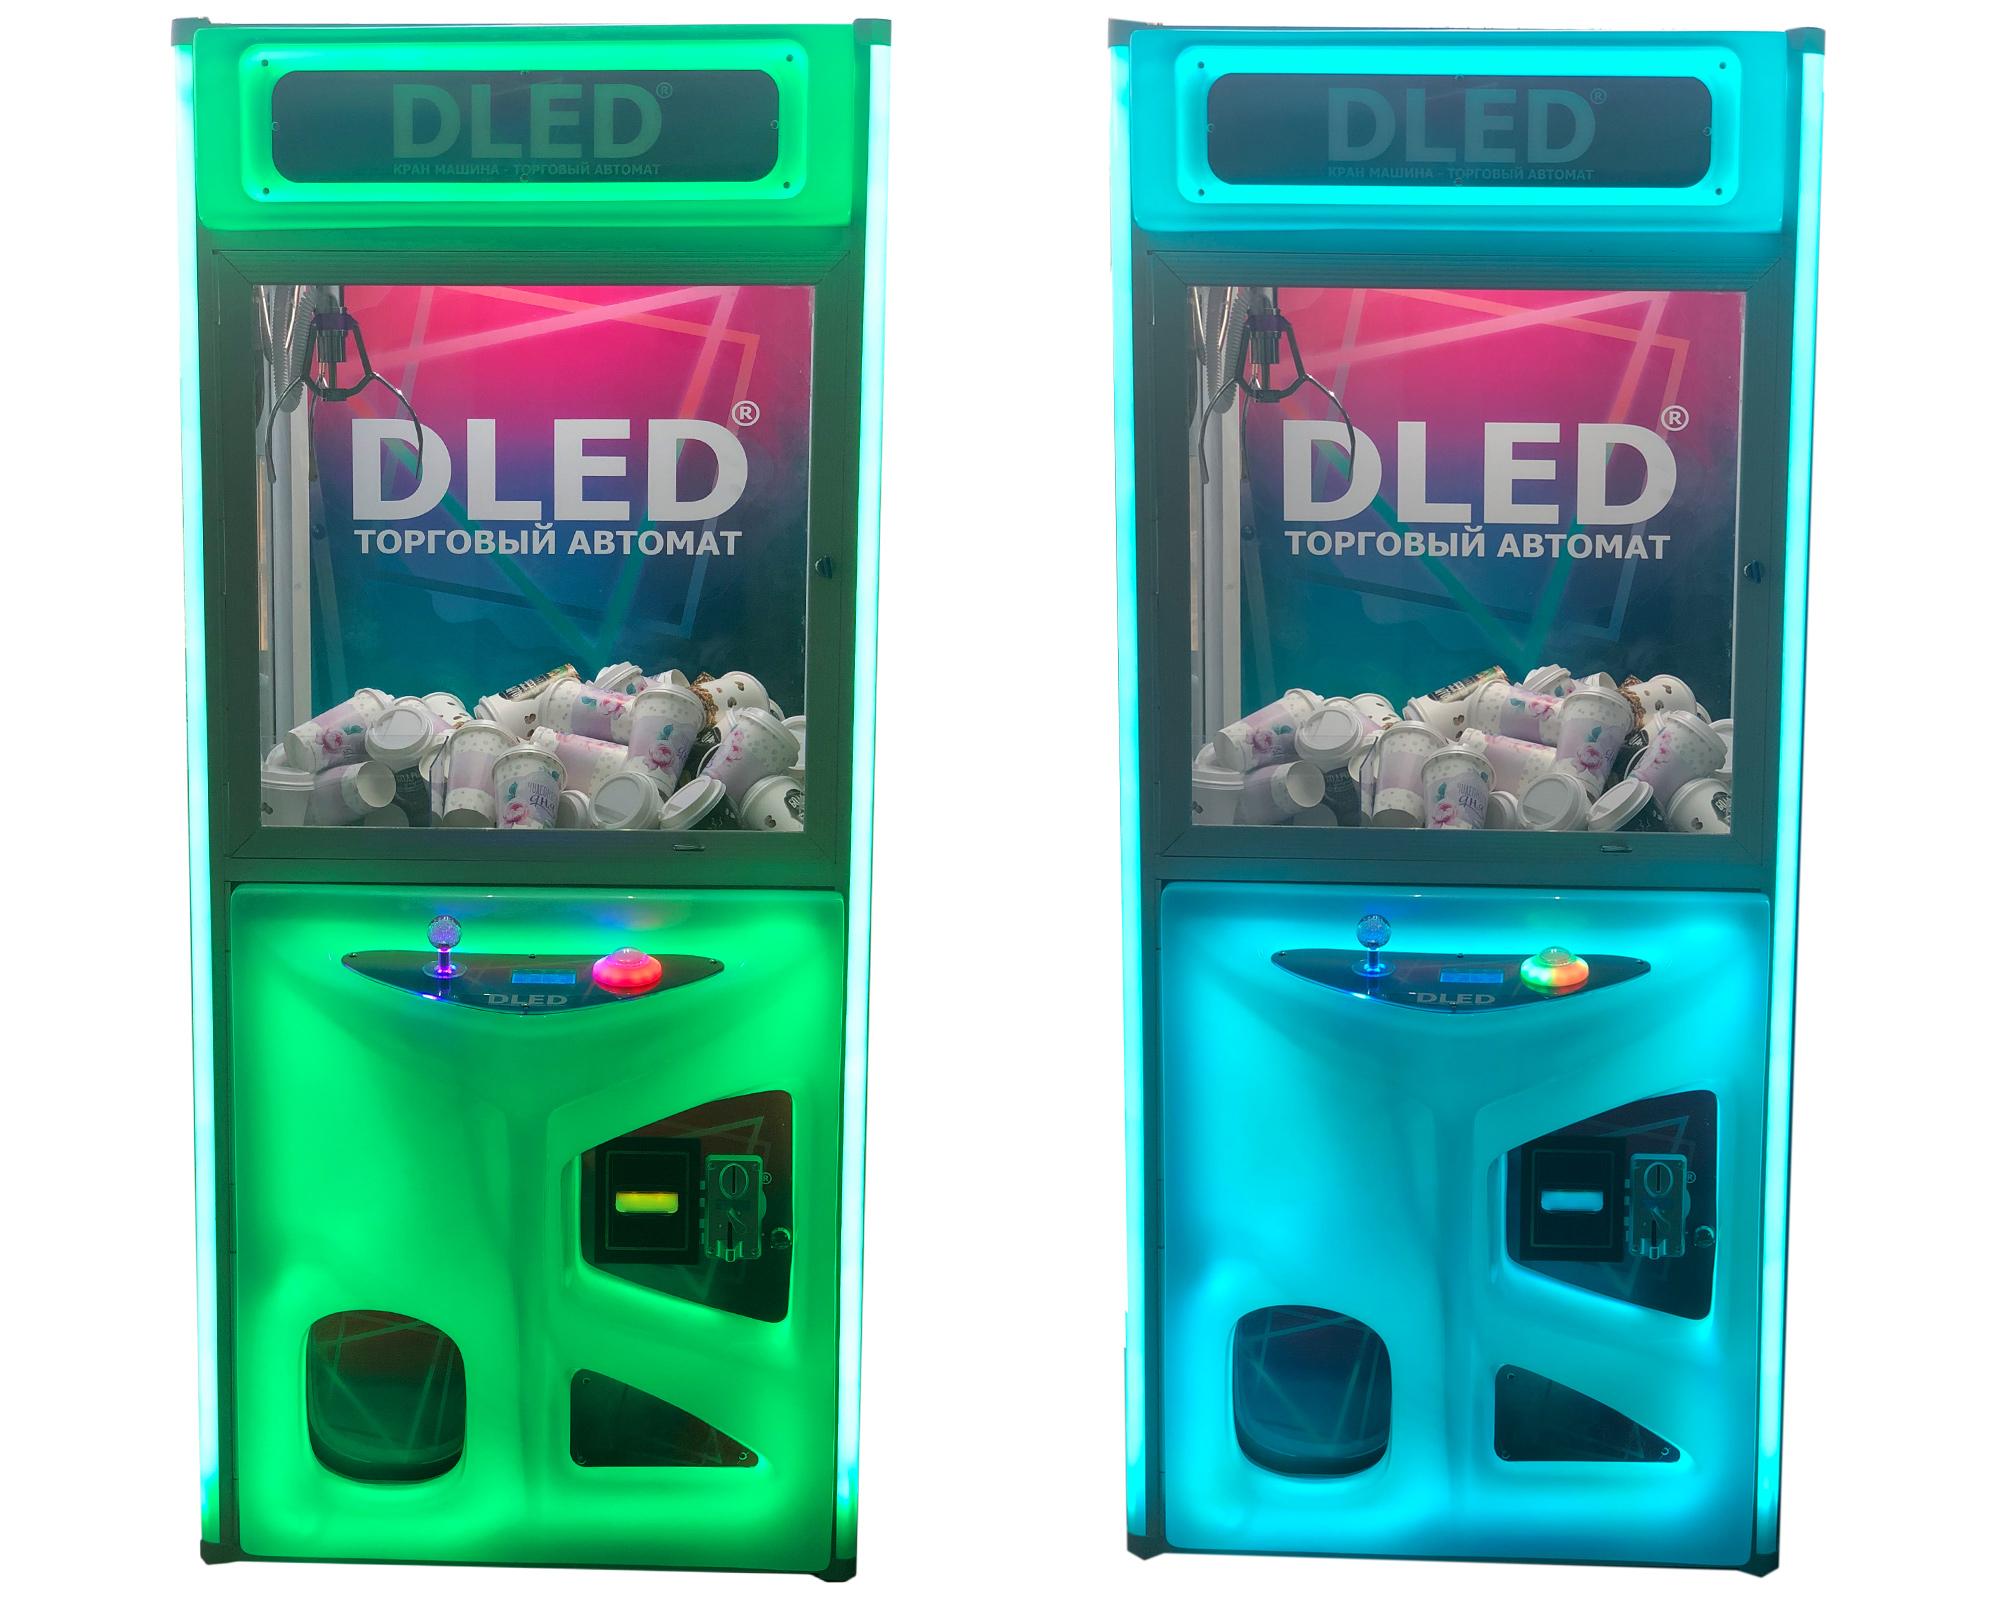 Игровой автомат хватайка купить спб играть в 3д игровые автоматы бесплатно без регистрации